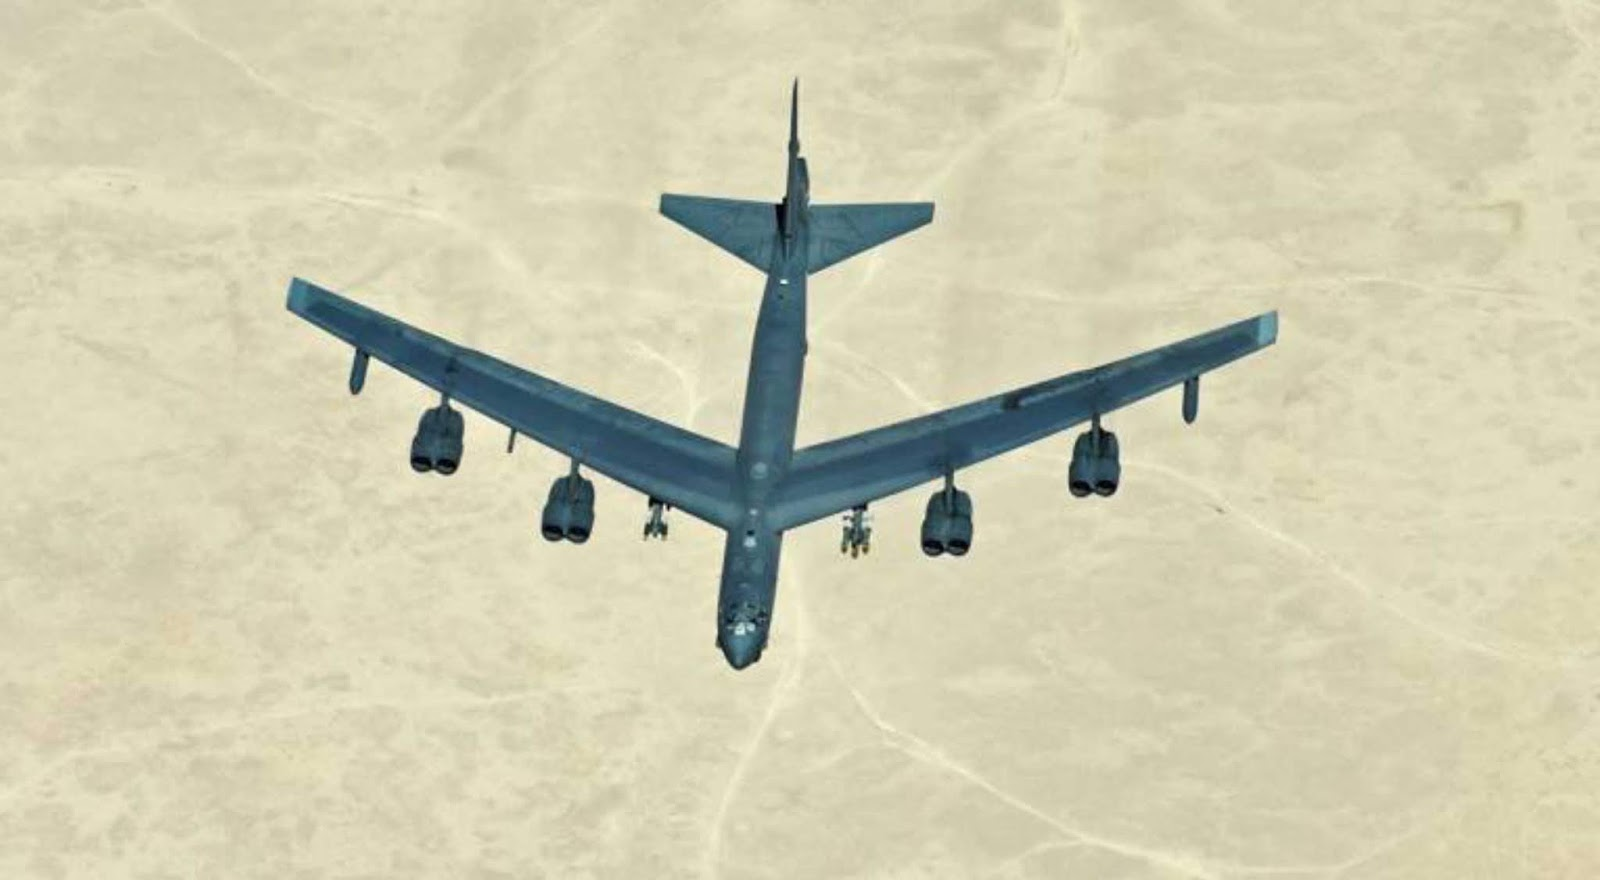 Cina bereaksi keras B-52 terbang di atas pulau-pulau di Laut Cina Selatan